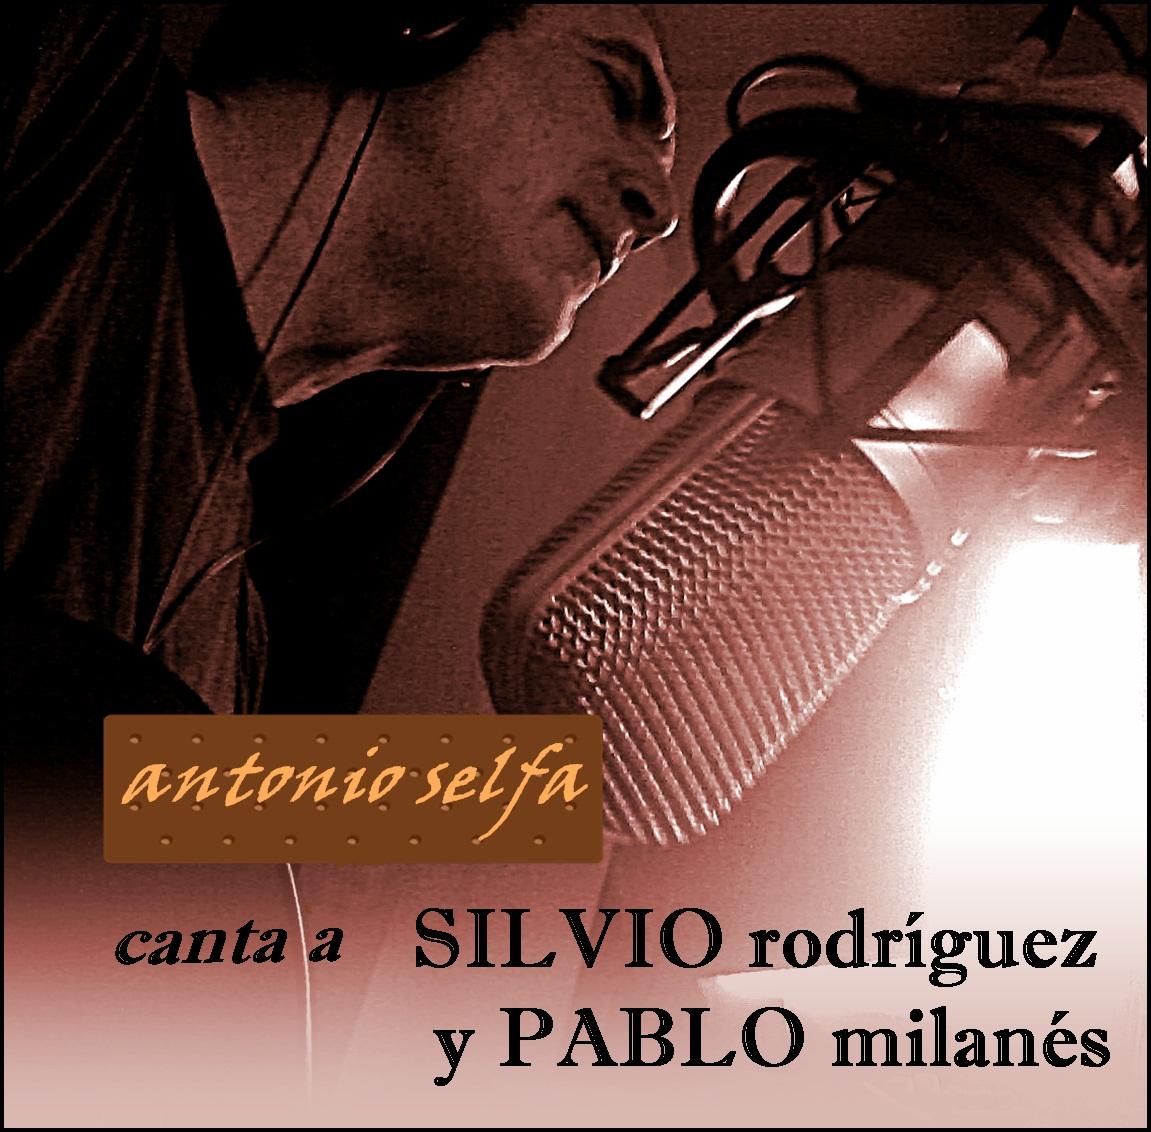 Ciento Volando Cantando A Silvio Rodríguez Y Pablo Milanés